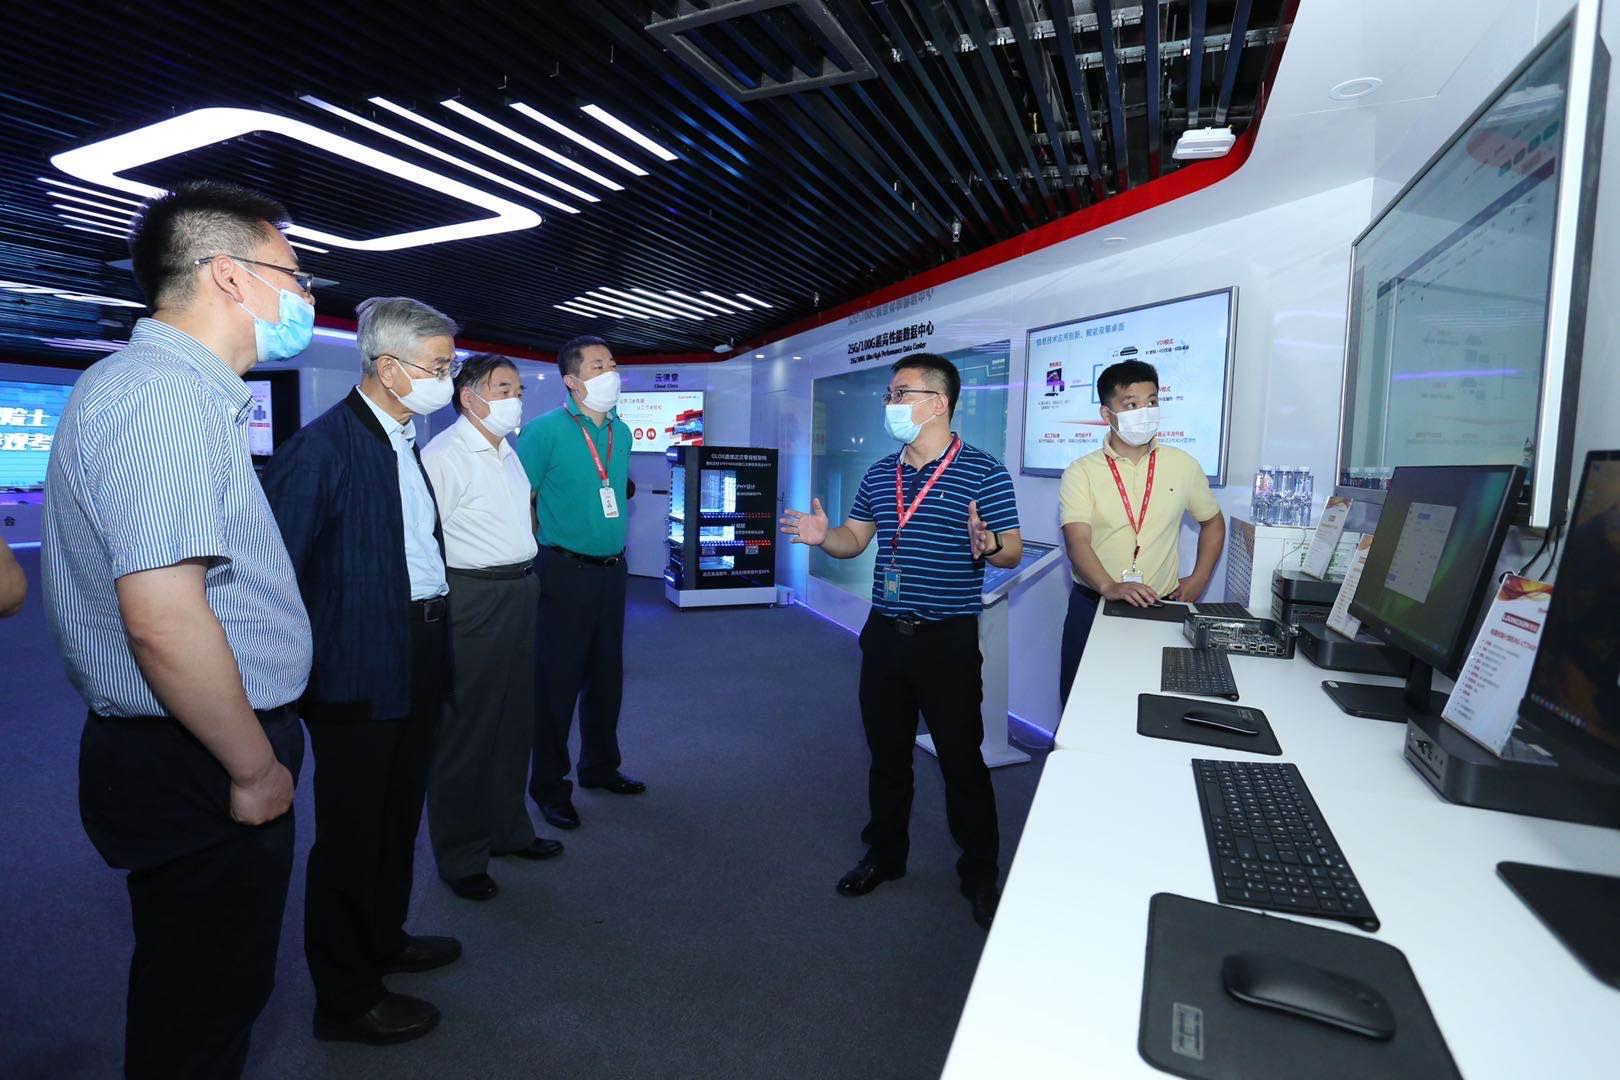 倪光南院士:云桌面和PC在性能和体验上几无差别